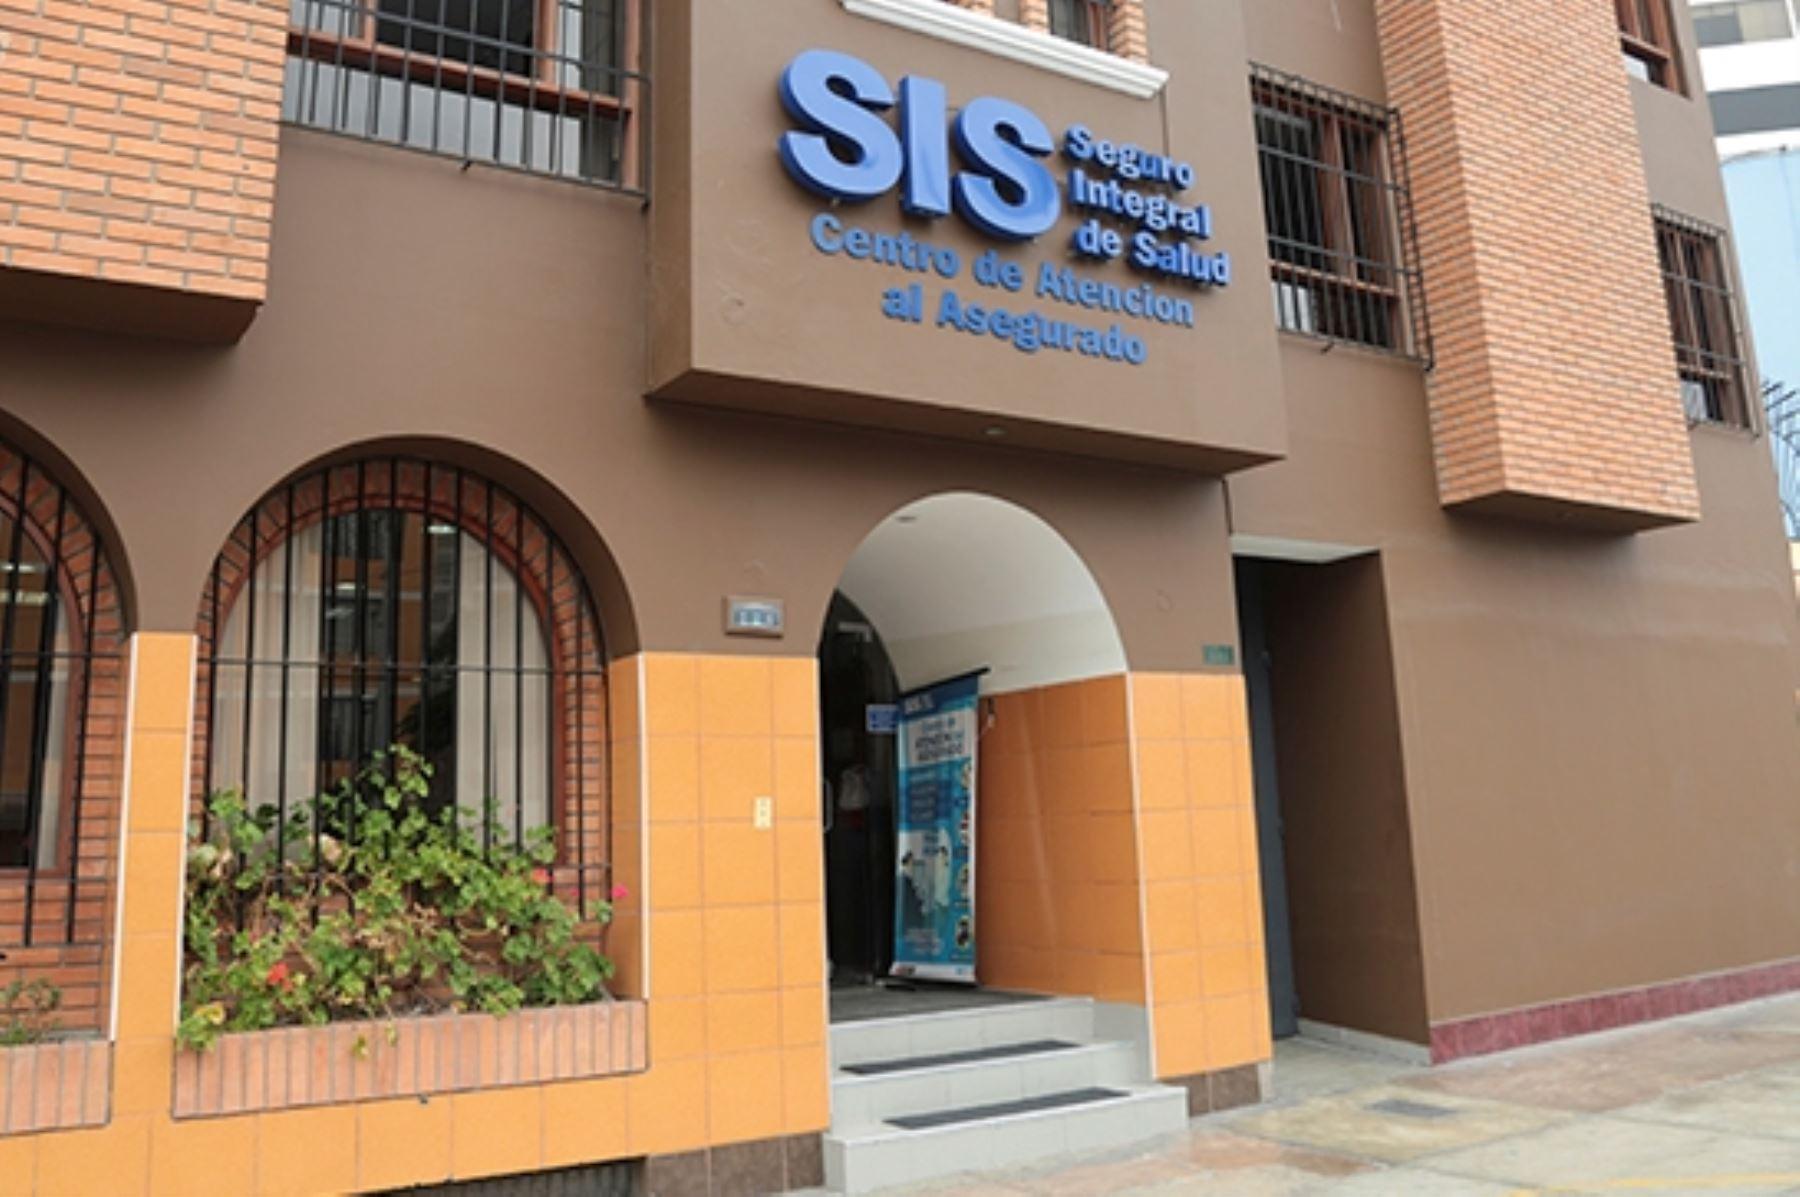 En caso se requiera información oficial sobre La IAFA-SIS, los asegurados y ciudadanía en general, puede comunicarse a sus canales de atención. Foto: ANDINA/Andina